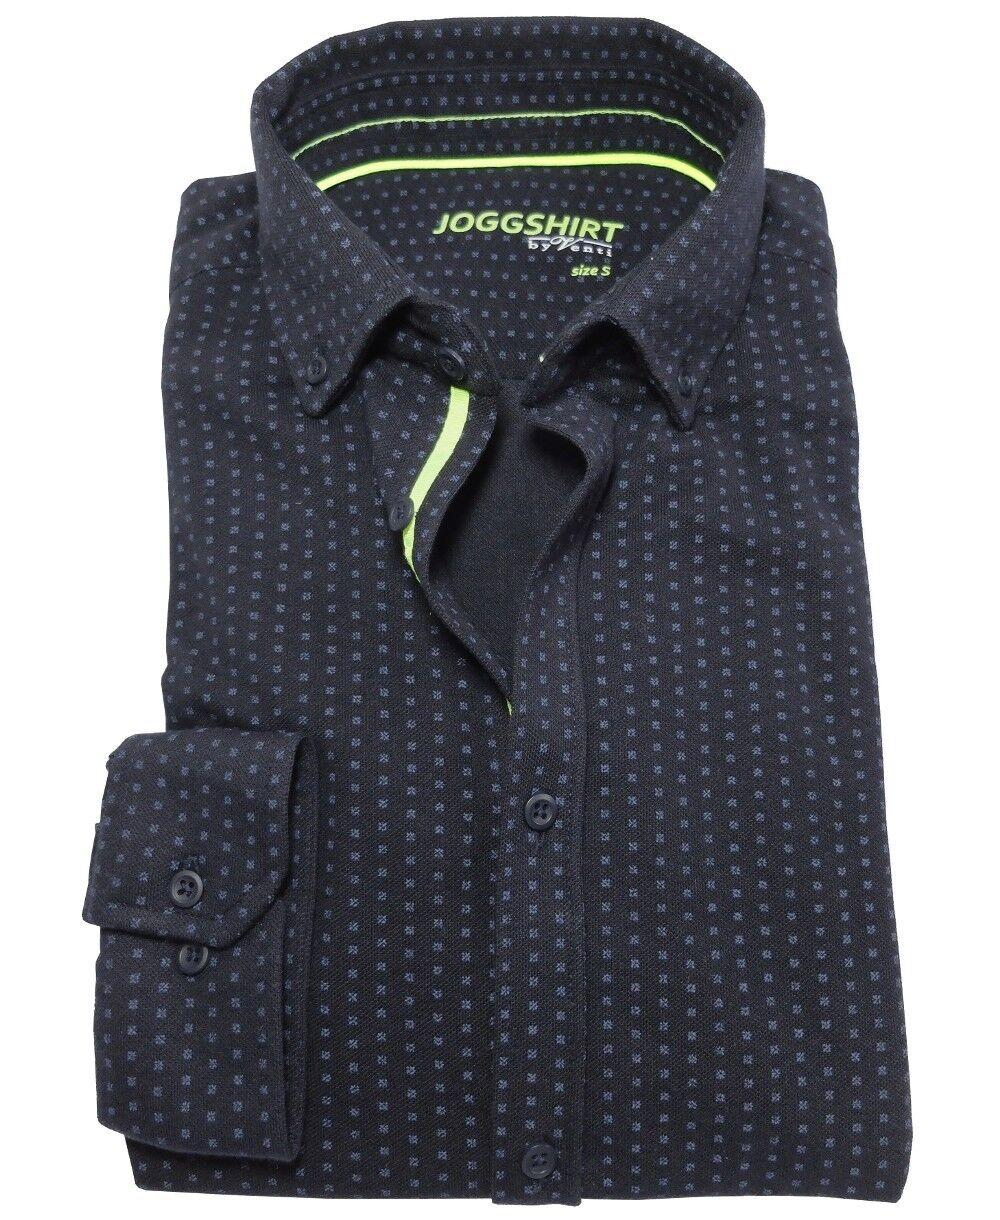 Venti JOGGSHIRT Slim Fit Langarmhemd in dunkelblau Minidessin Gr. L bis XXL     | Neuer Stil